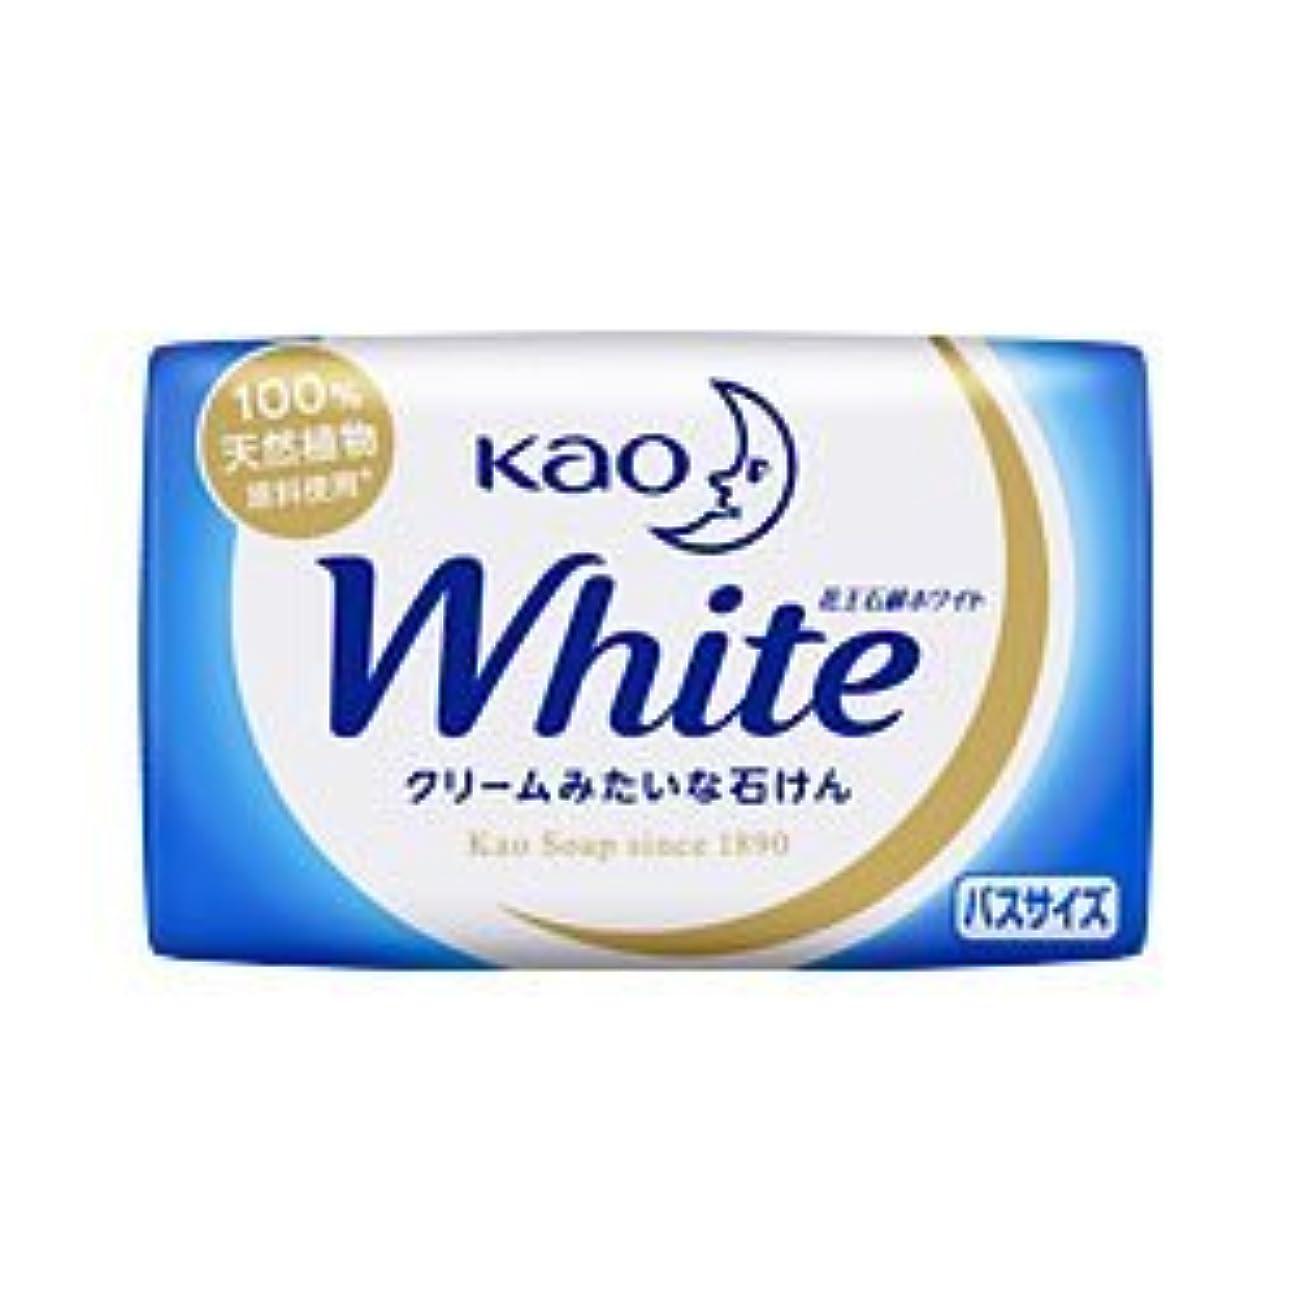 蒸留並外れて増強【花王】花王ホワイト バスサイズ 1個 130g ×20個セット